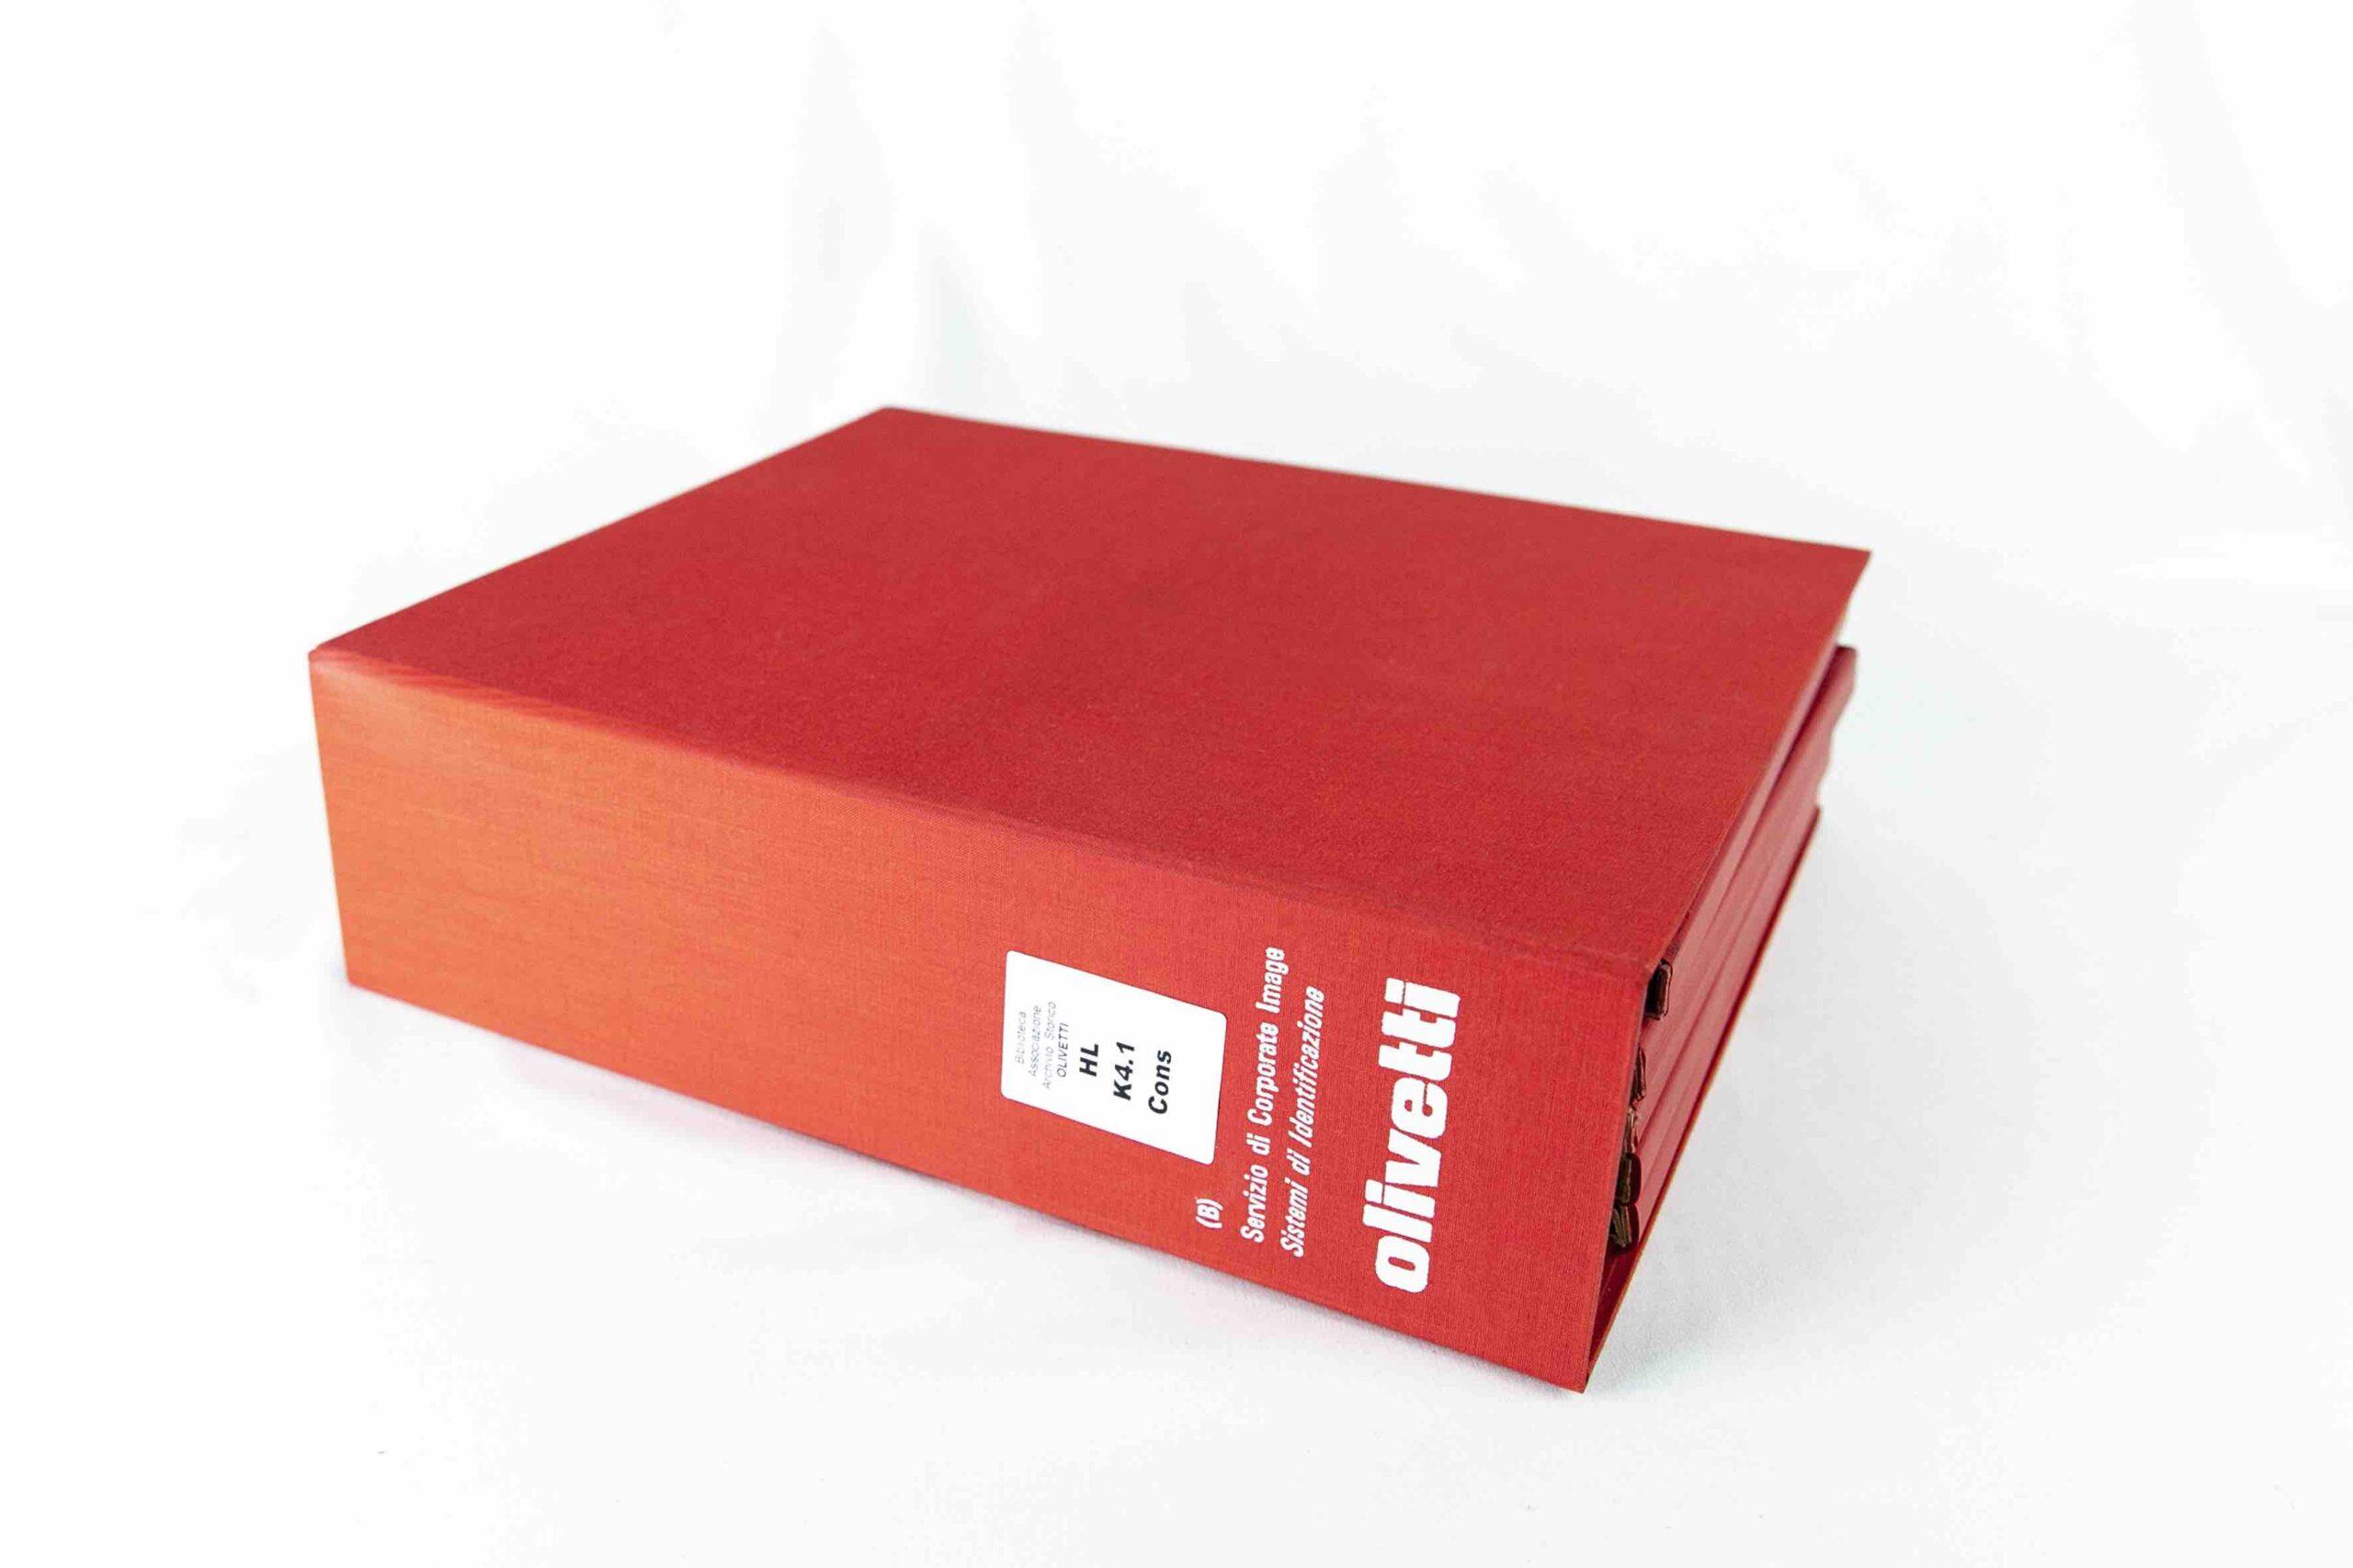 Olivetti Design Contest 2020/2021_AASO Olivetti servizio di corporate image sistemi di identificazione vol A B 1971 Guccione 3618 scaled